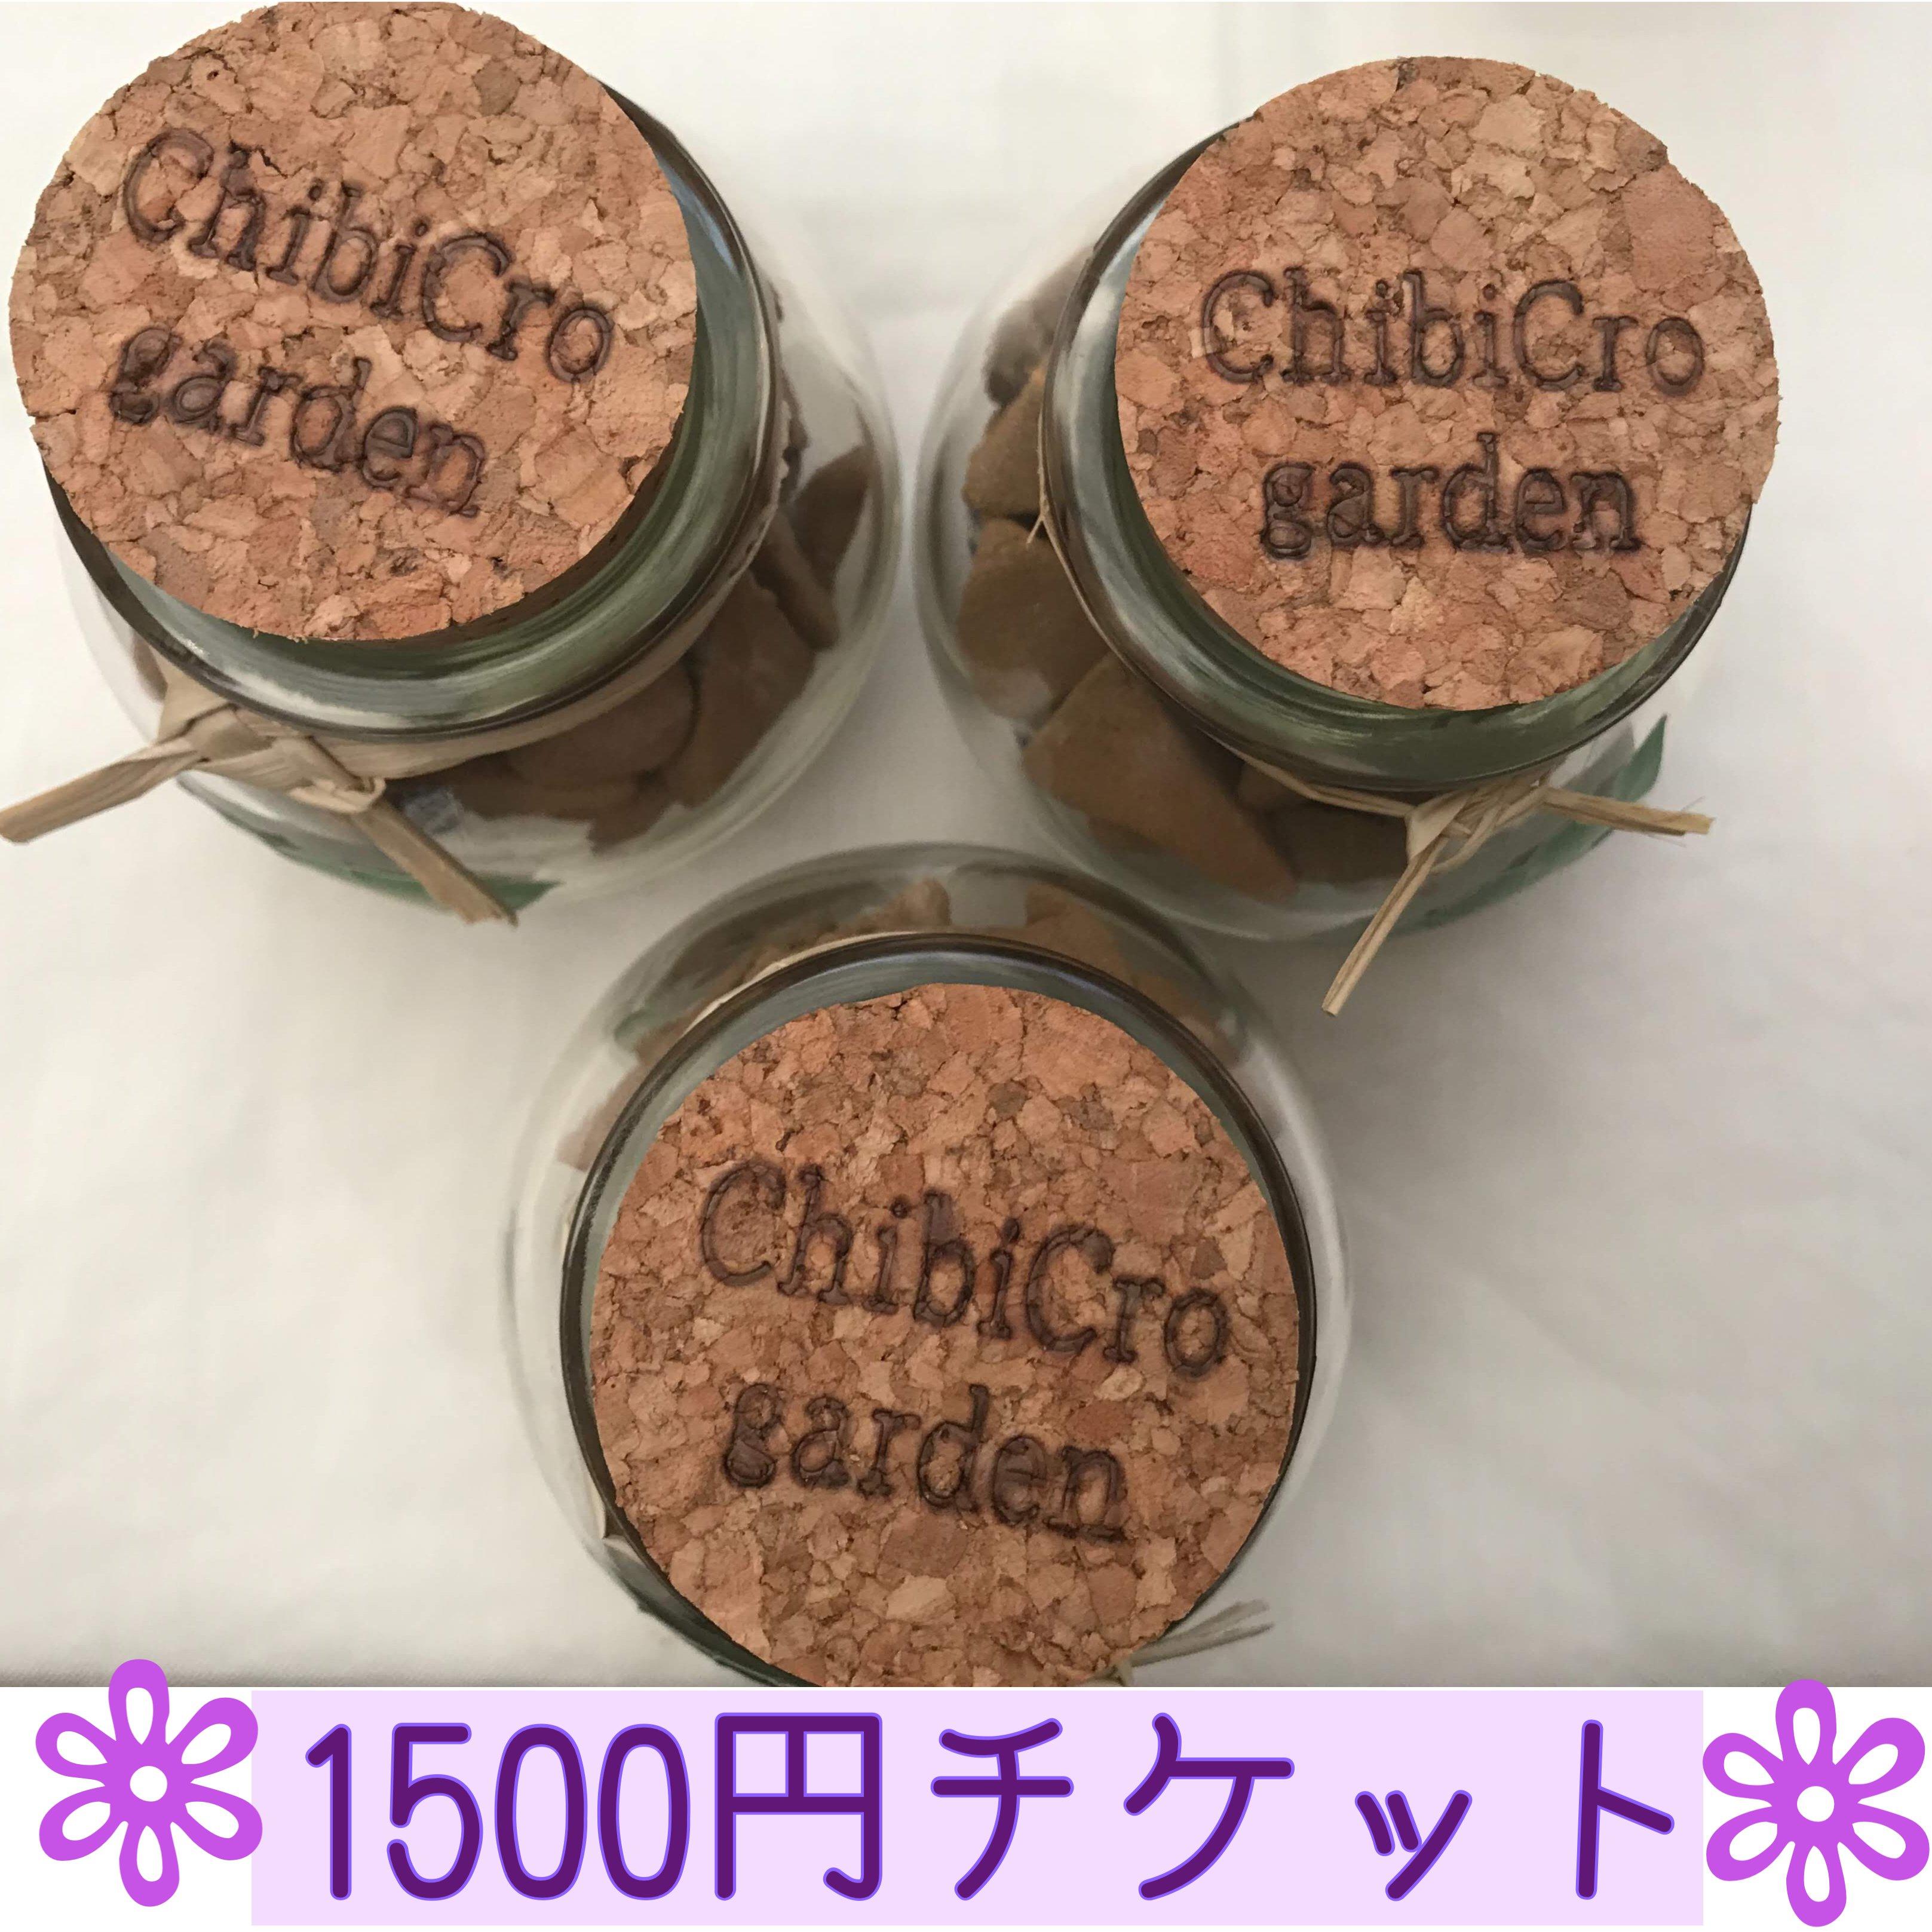 ChibiCroで何でも使える1500円チケットのイメージその1